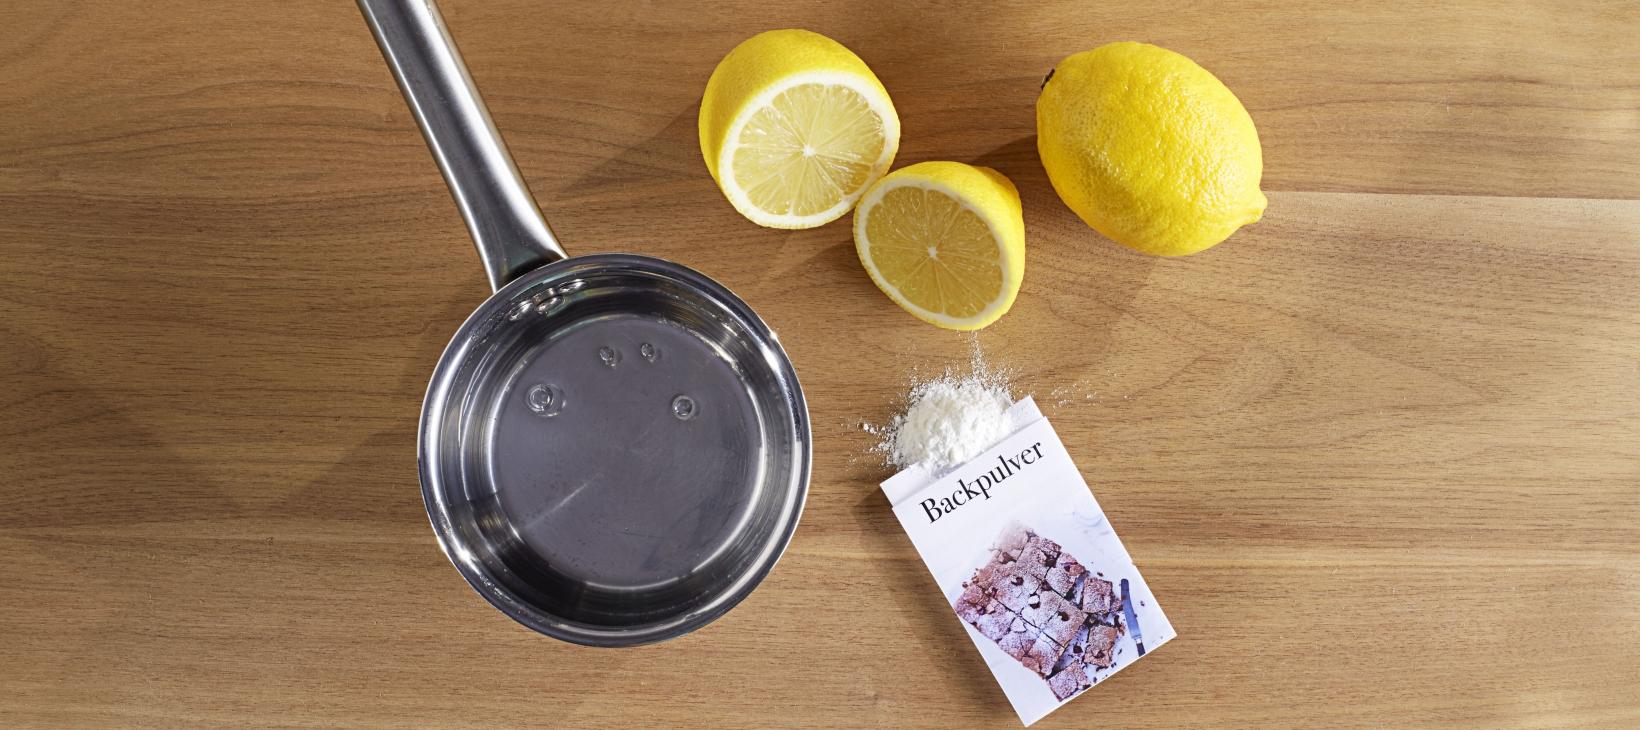 Tipp Abfluss reinigen Material: Zitronen und Backpulver